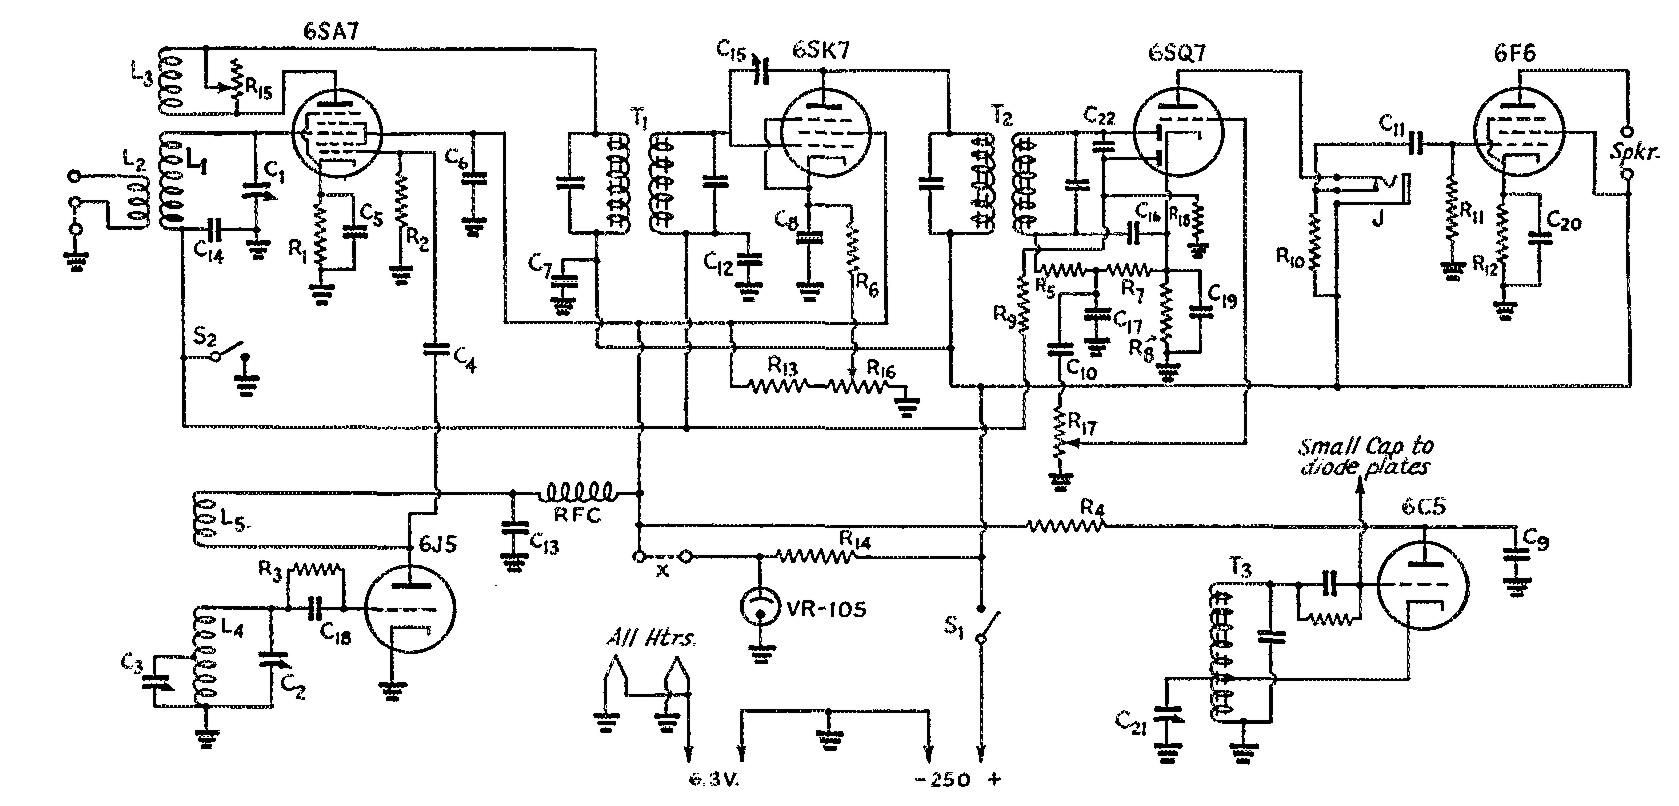 Pin Regenerative Receiver For 40 Meters